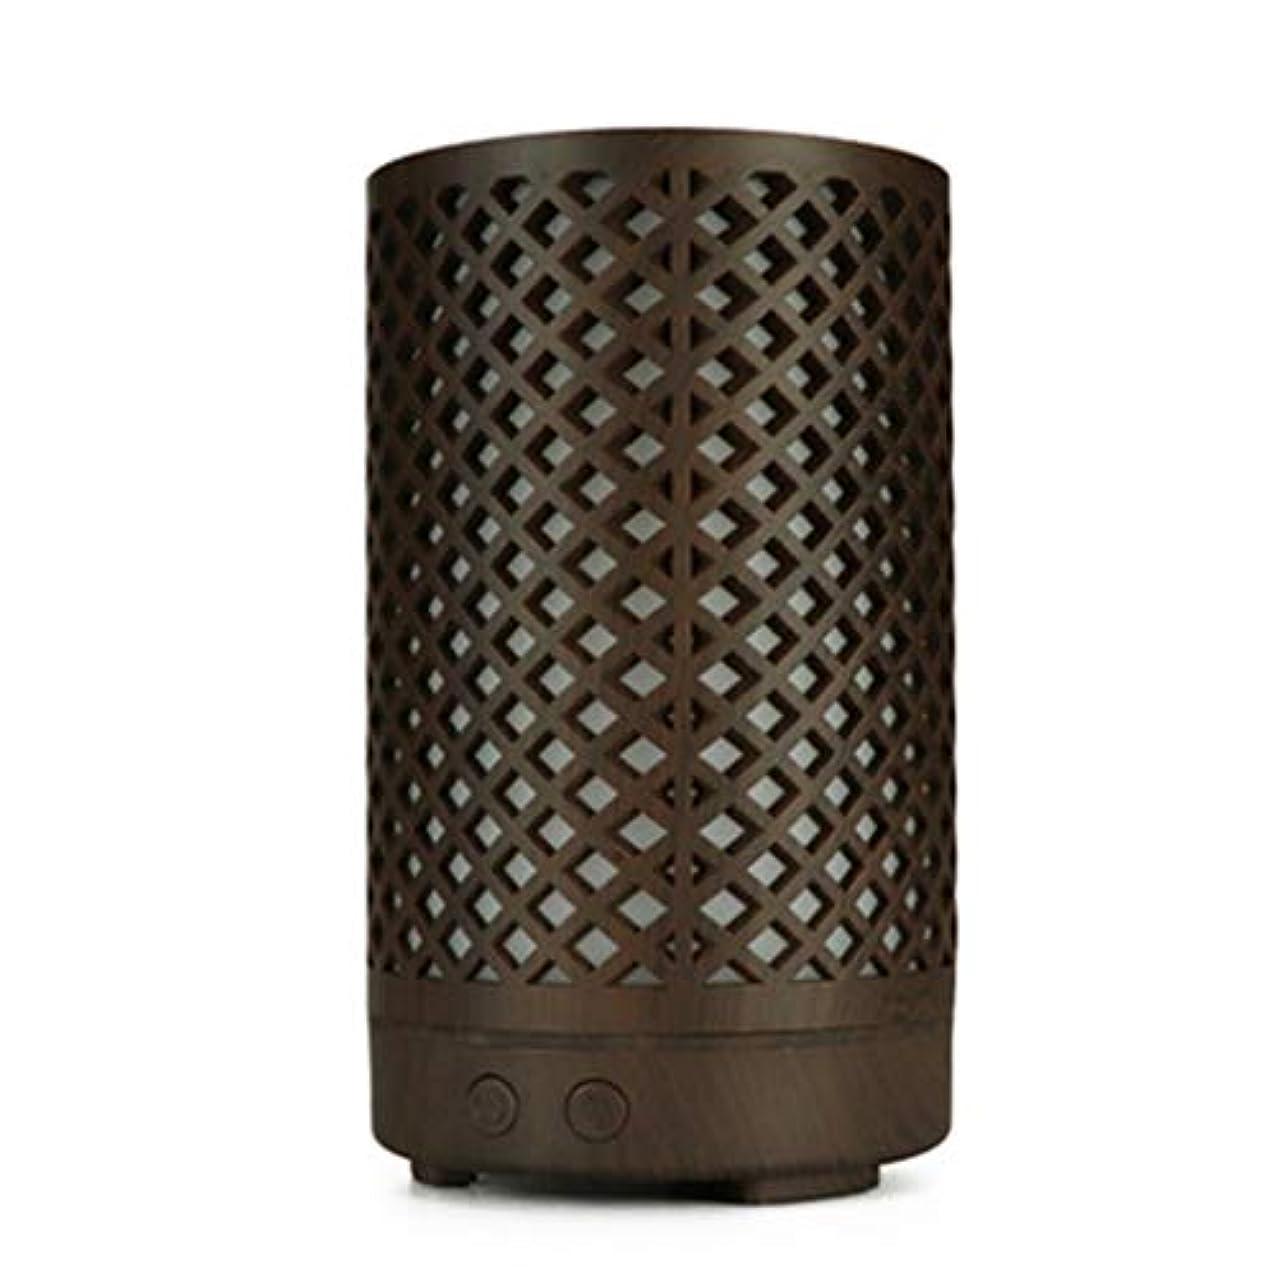 熱意社交的雑品木目加湿器家庭用100ミリリットルミニデスクトップカラフルなアロマテラピーマシン (Color : Dark wood grain)